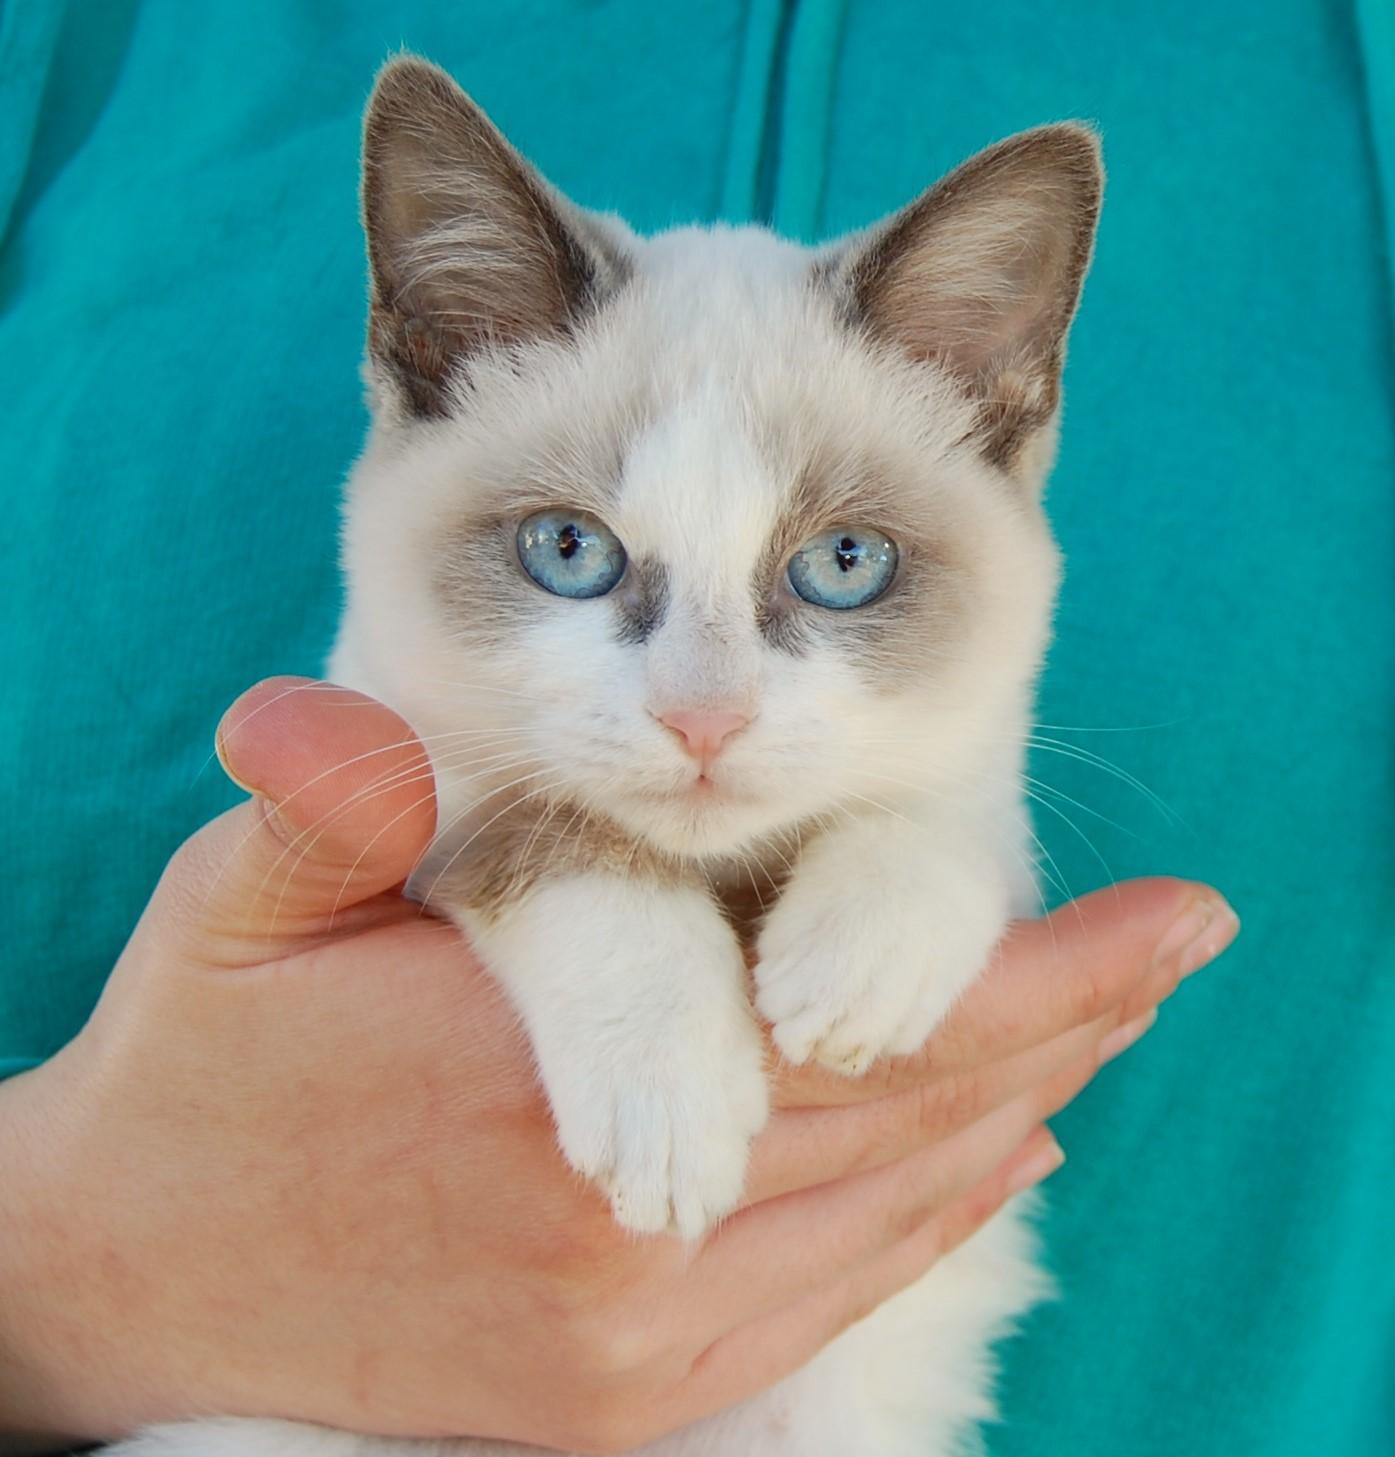 atomic kitten natasha hamilton